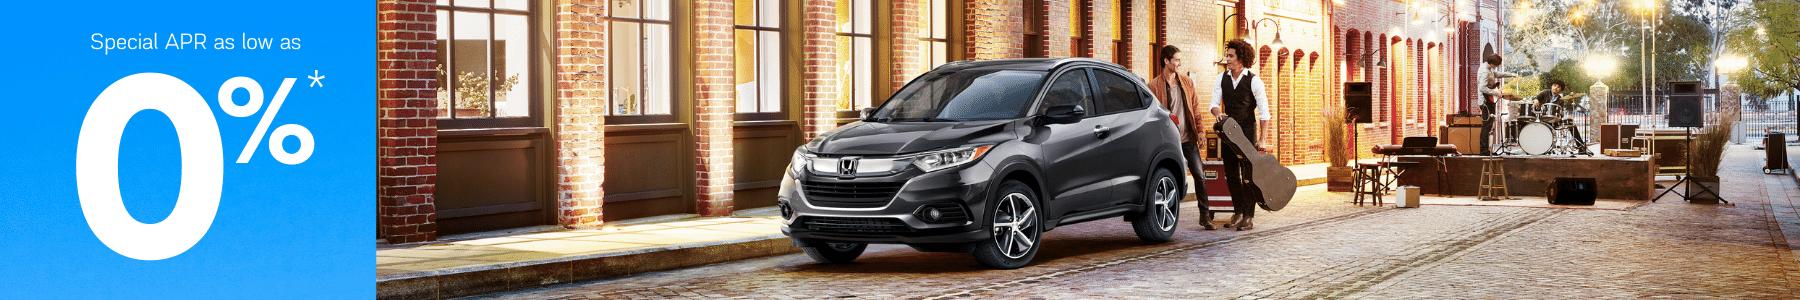 Honda HR-V special apr